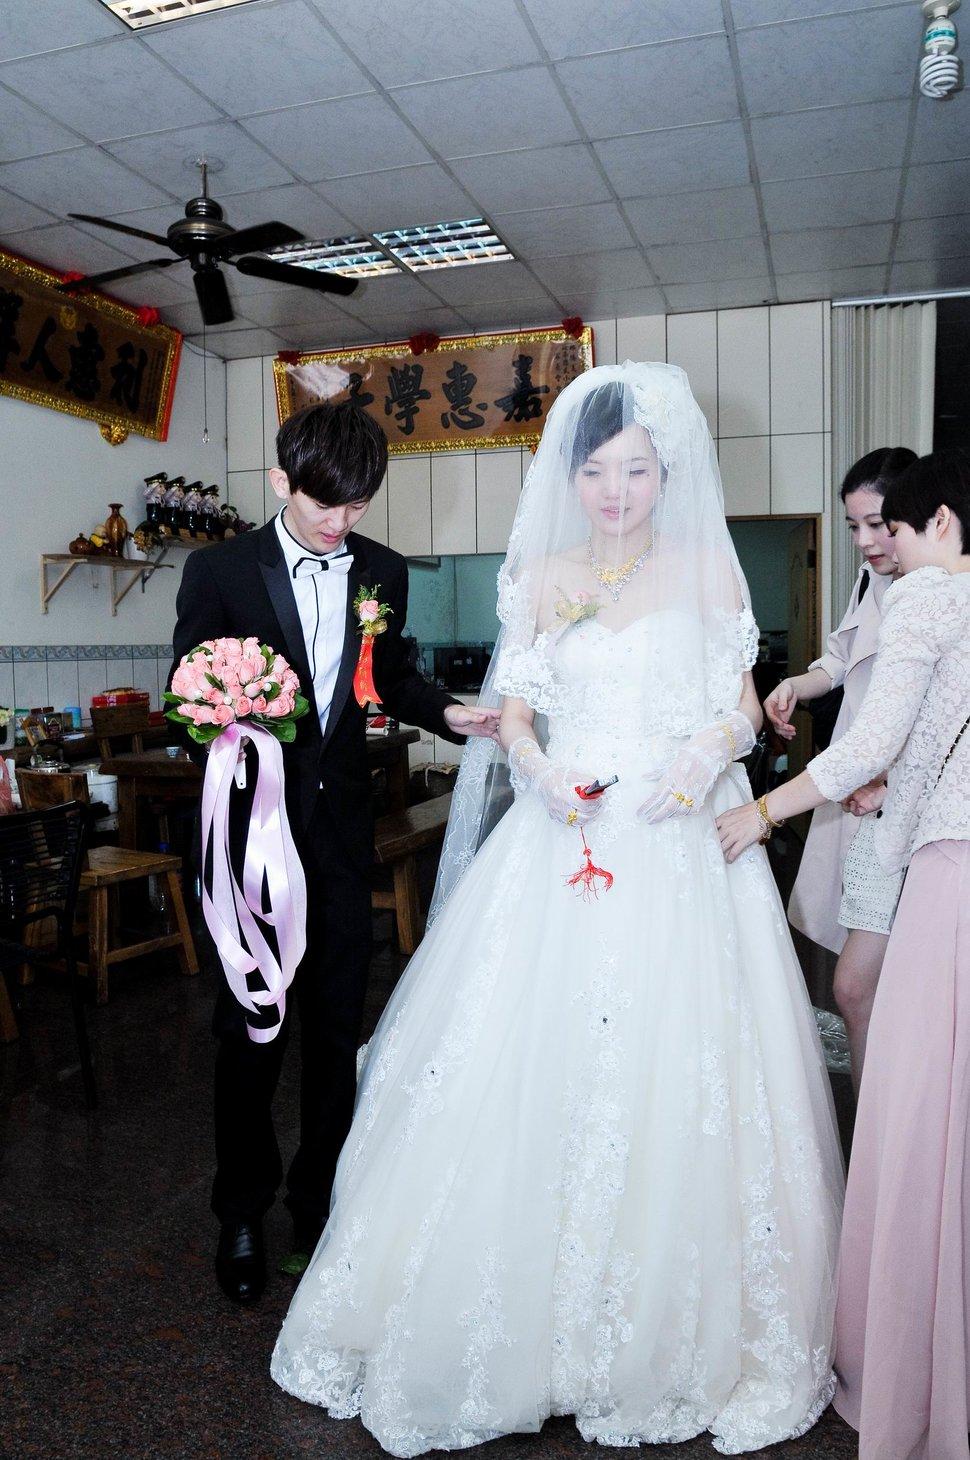 台中天野養生餐廳婚禮記錄婚禮記錄動態微電影錄影專業錄影平面攝影(編號:196398) - 蜜月拍照10800錄影12800攝影團隊 - 結婚吧